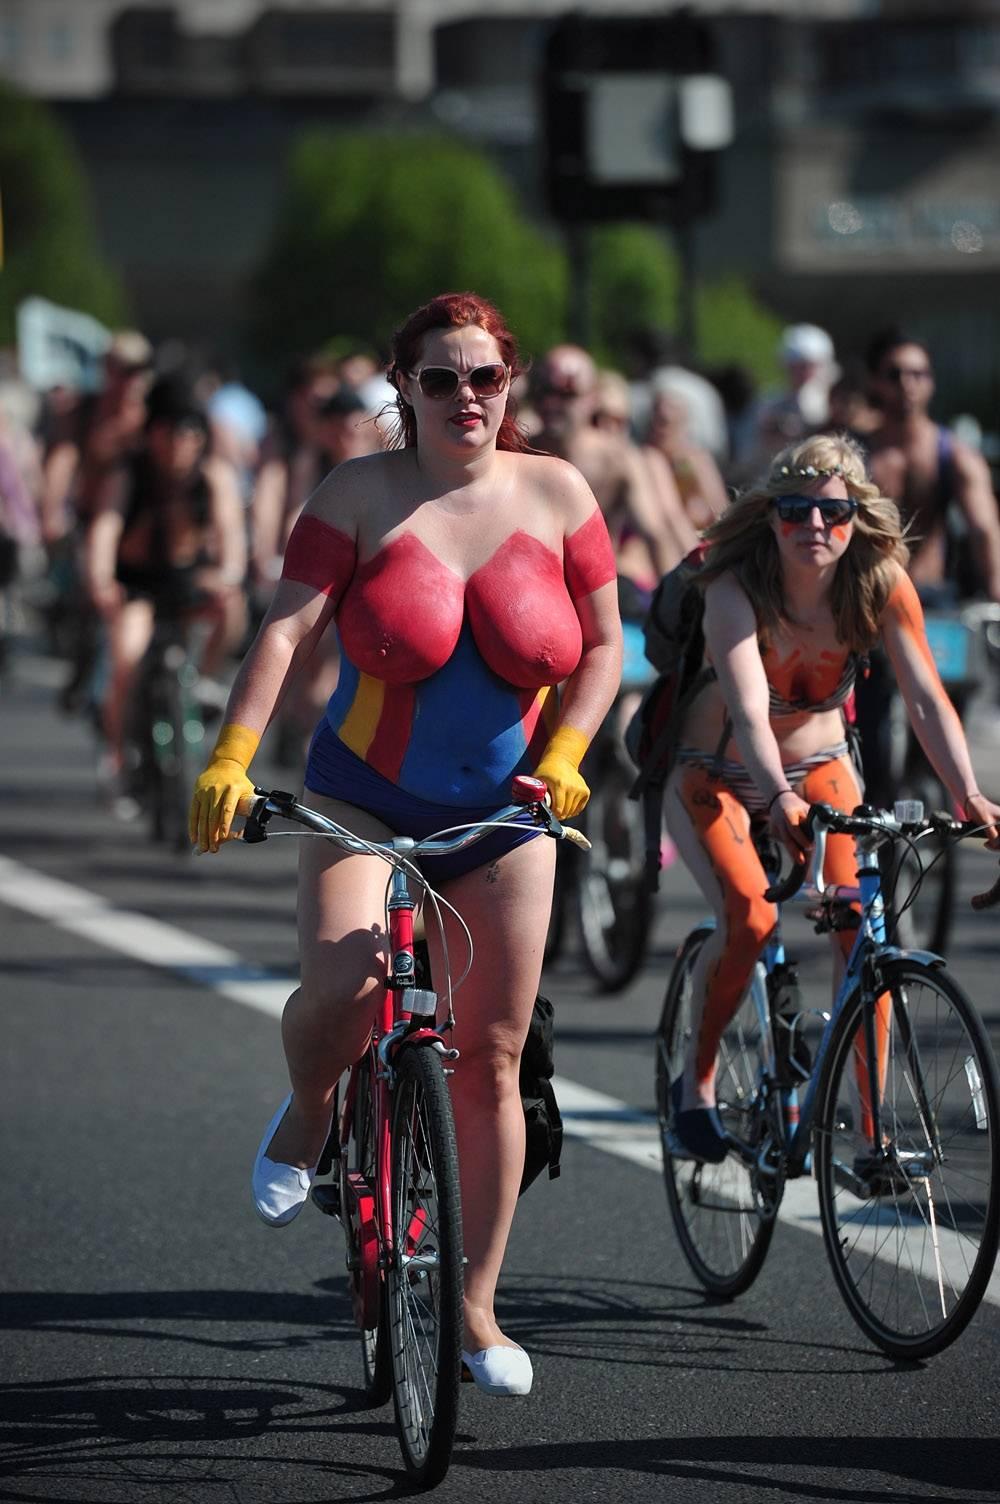 Nadzy rowerzyści robią furorę w sieci! Zobacz zdjęcia!